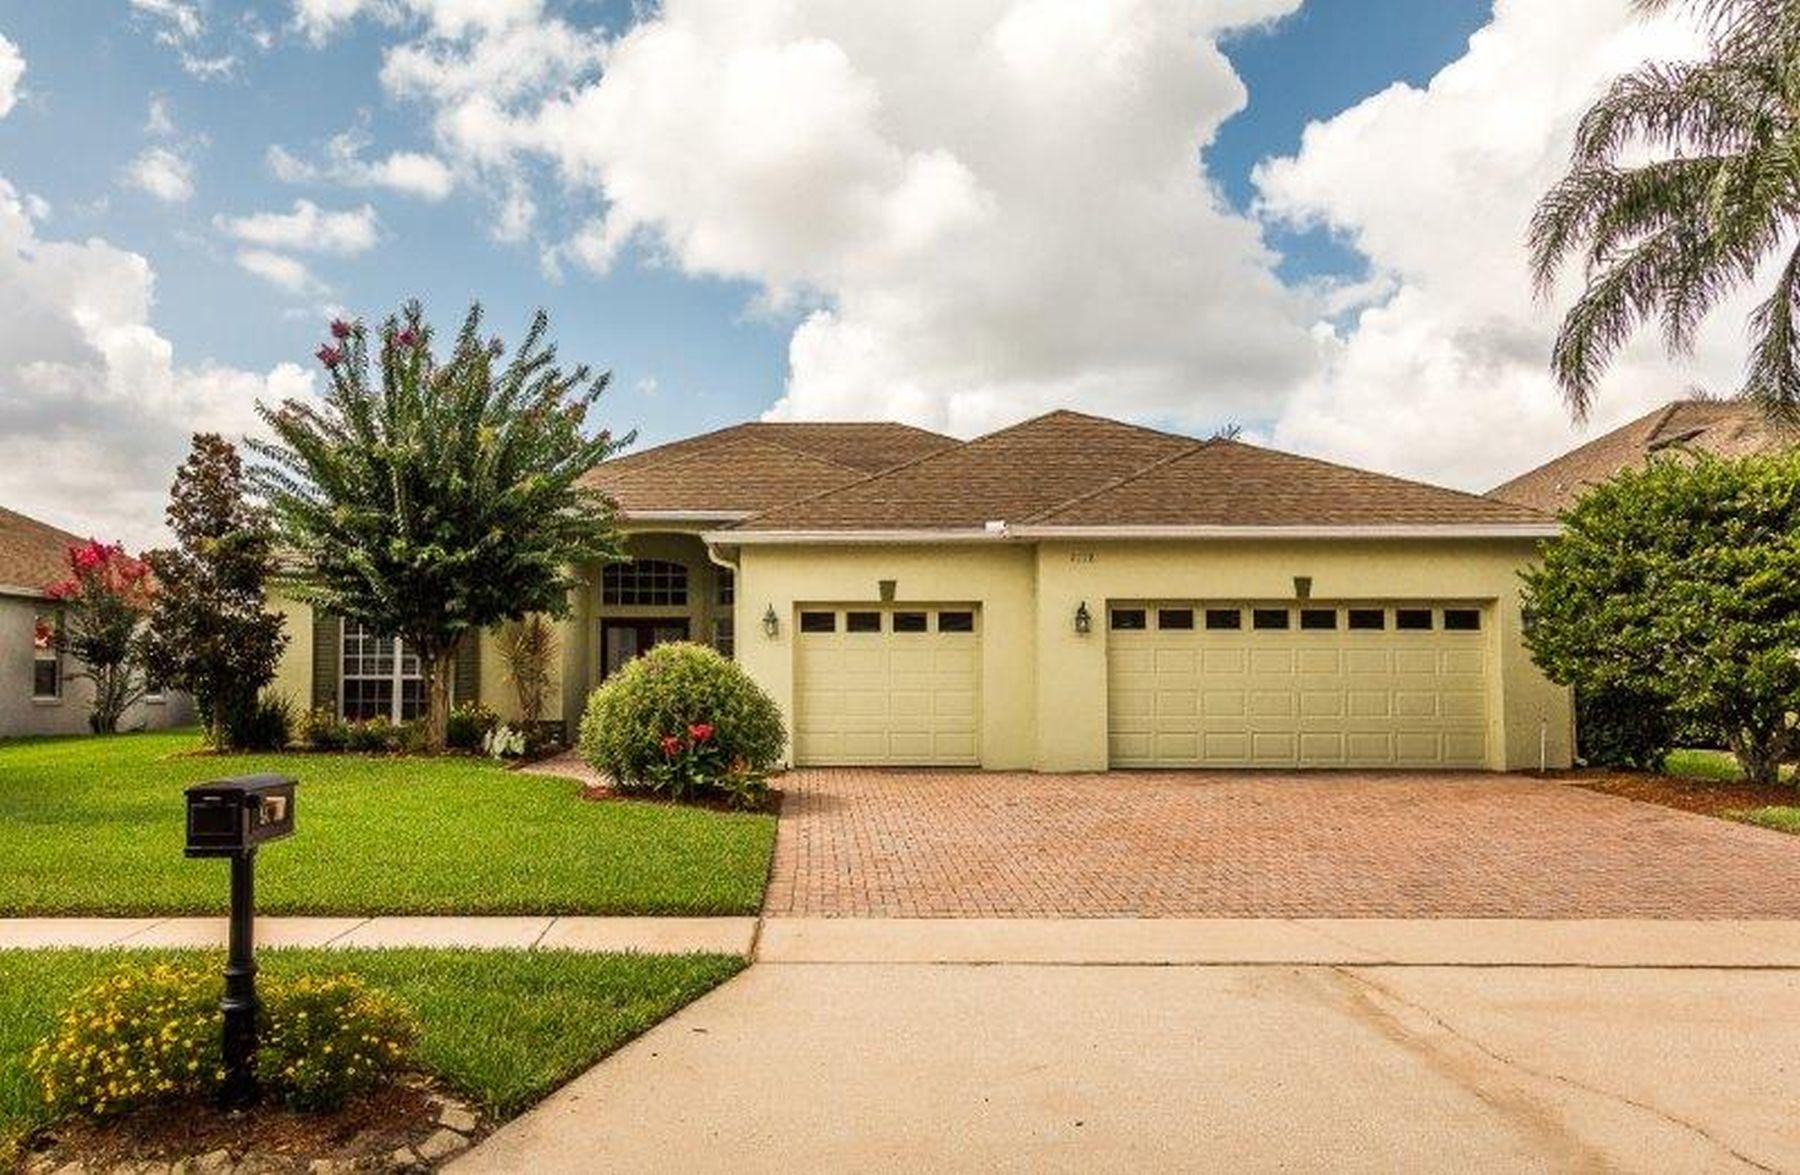 Moradia para Venda às ORLANDO 9778 Pineola Dr Orlando, Florida 32836 Estados Unidos